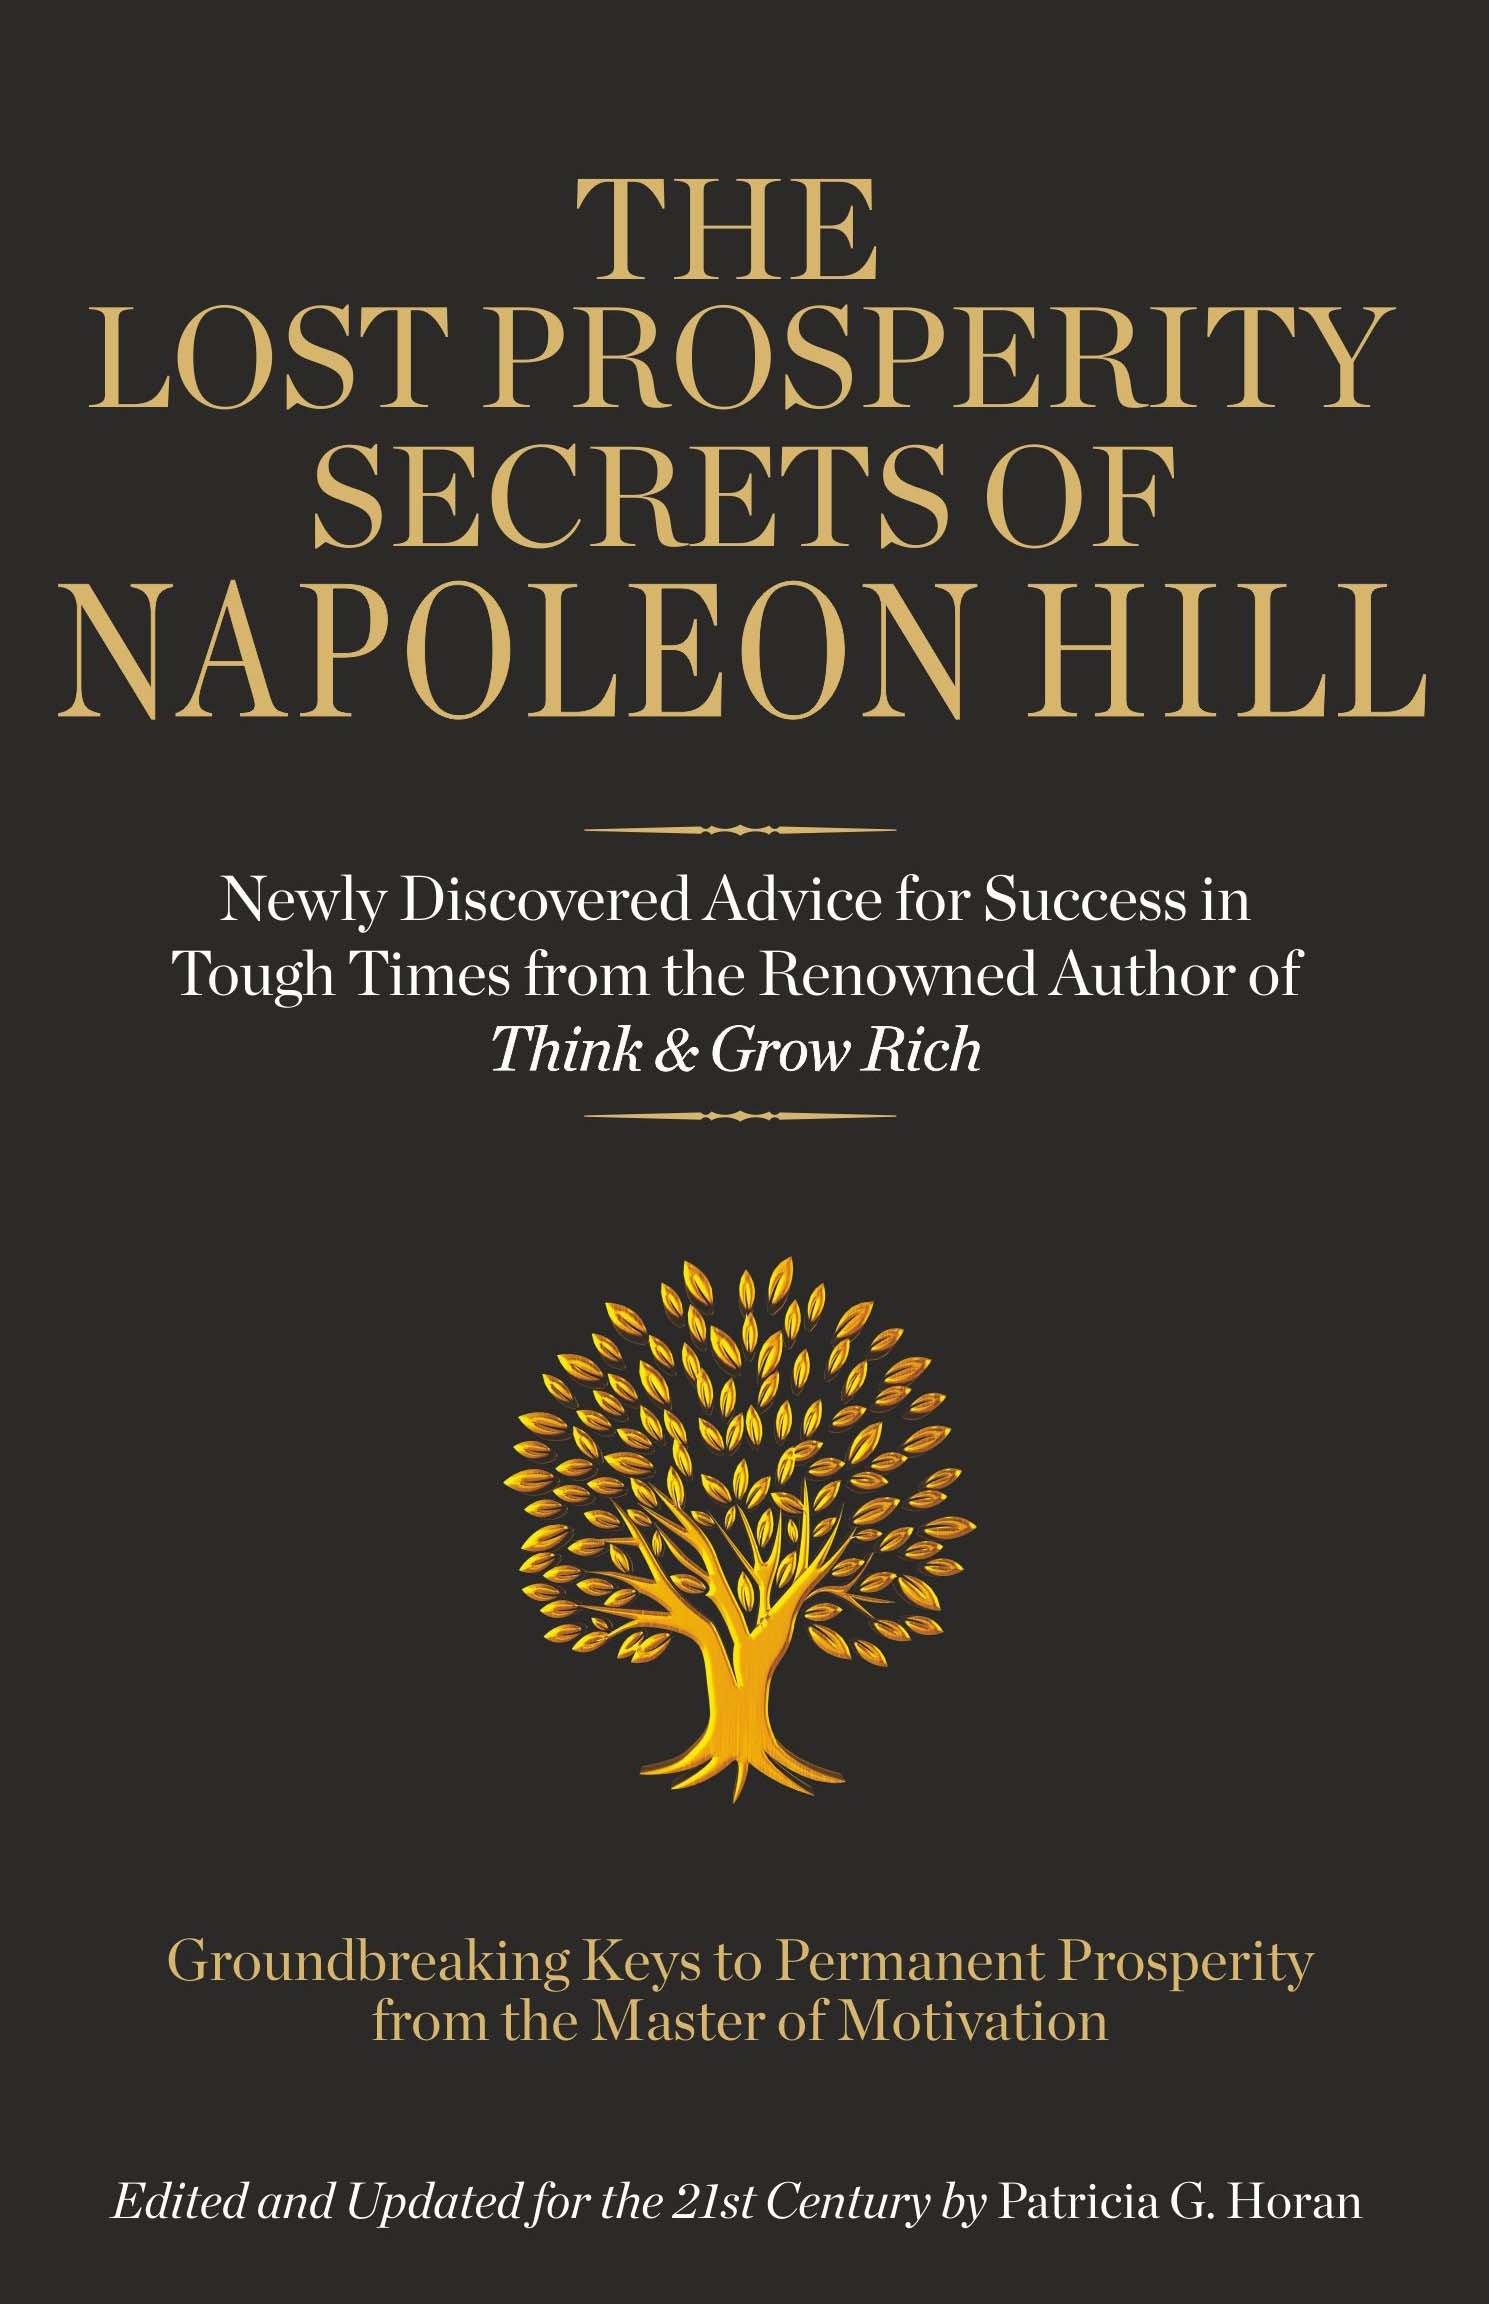 The Lost Prosperity Secrets